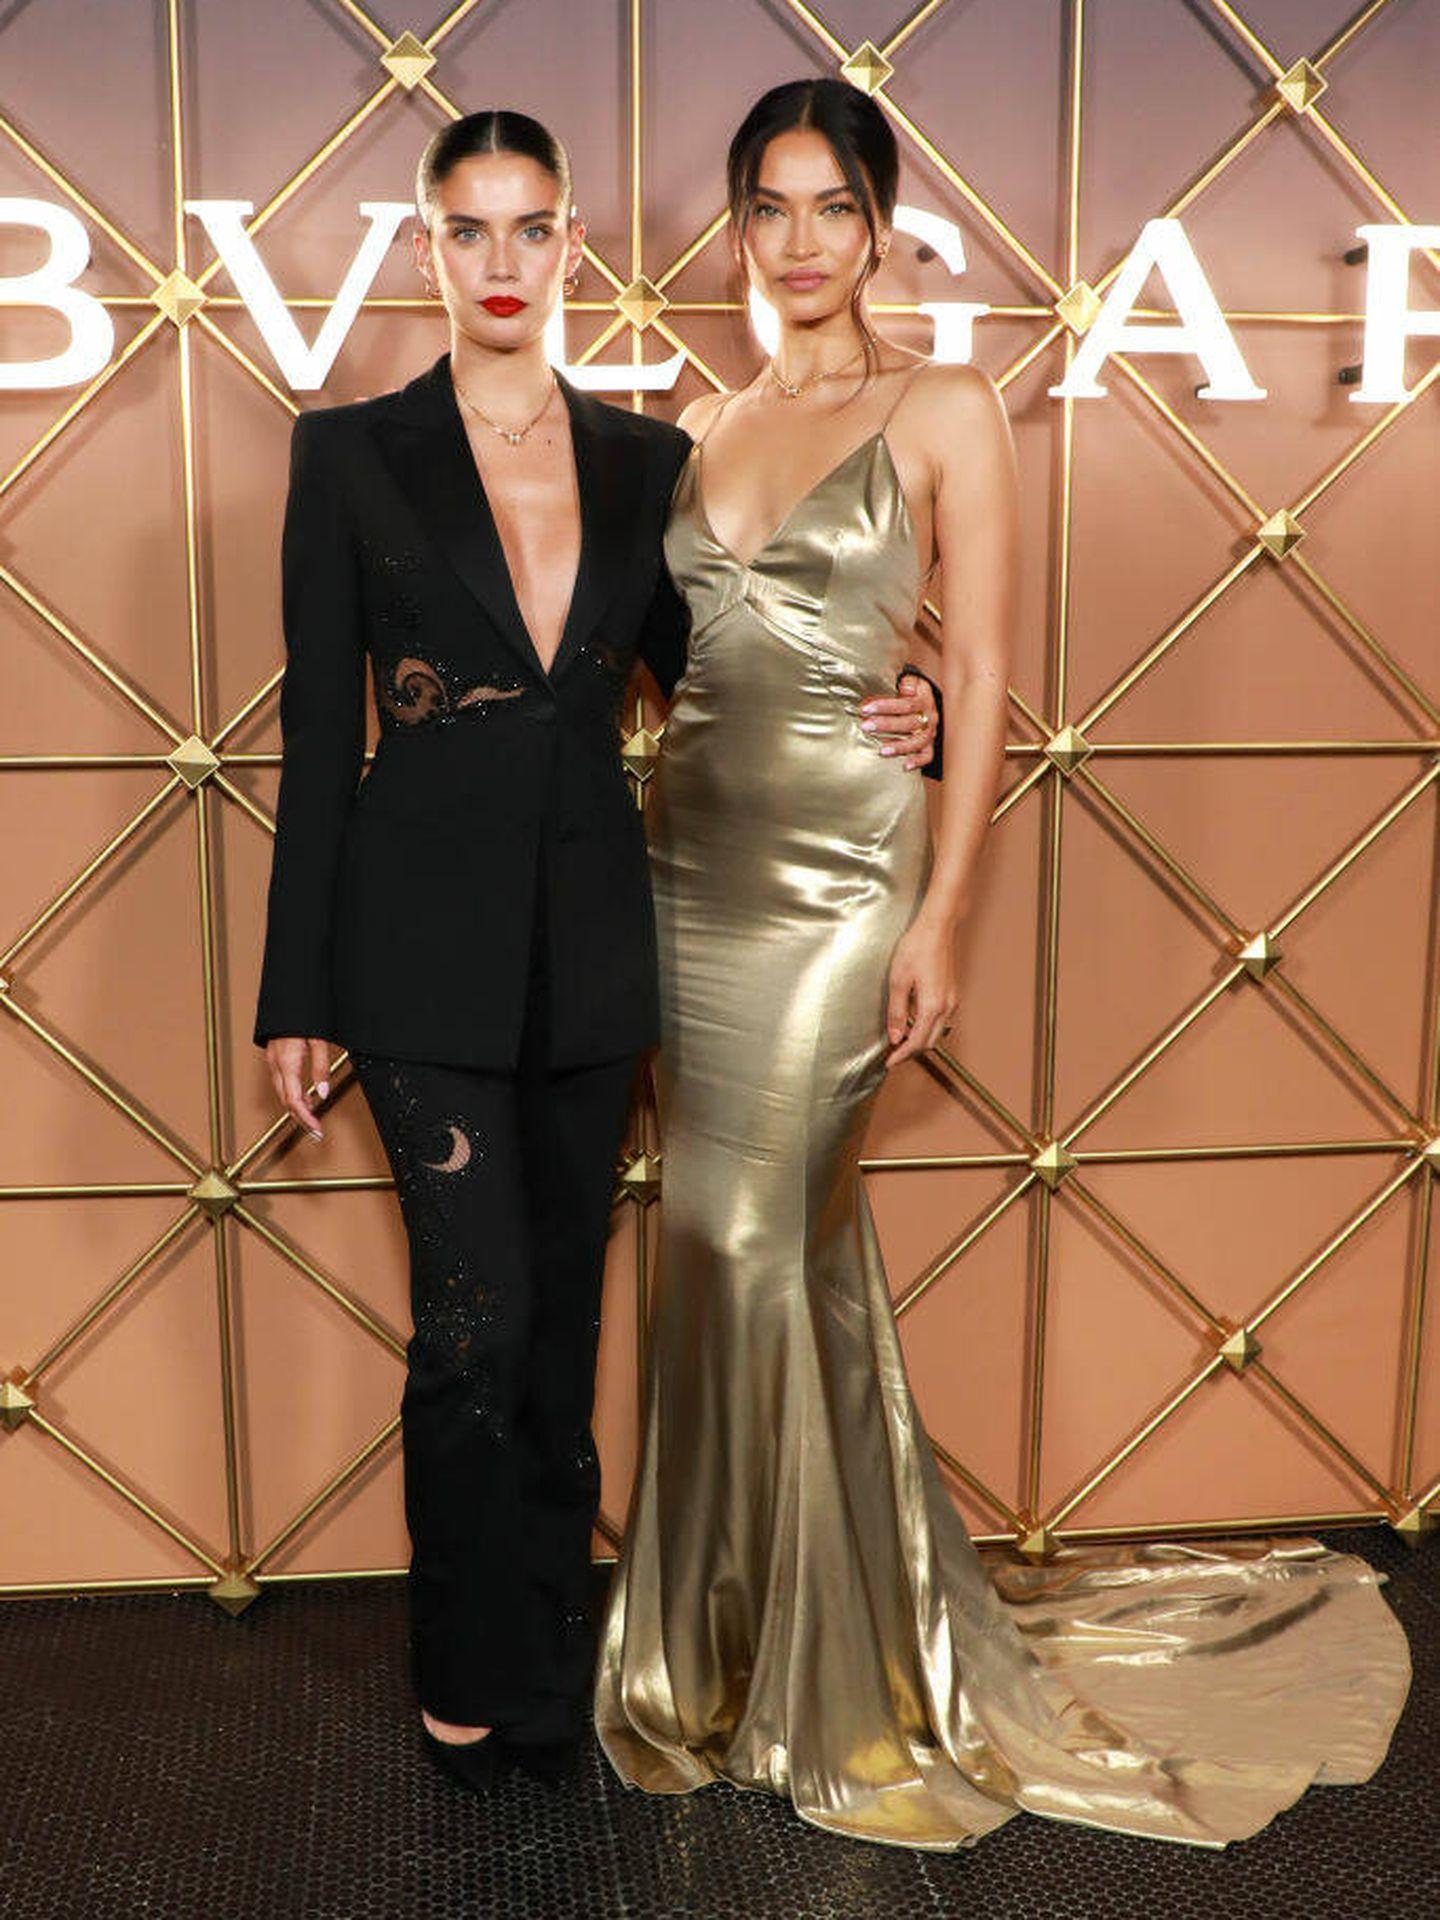 Sara Sampaio y Shanina Shaik, en la fiesta de Bvlgari en Nueva York. (Getty)